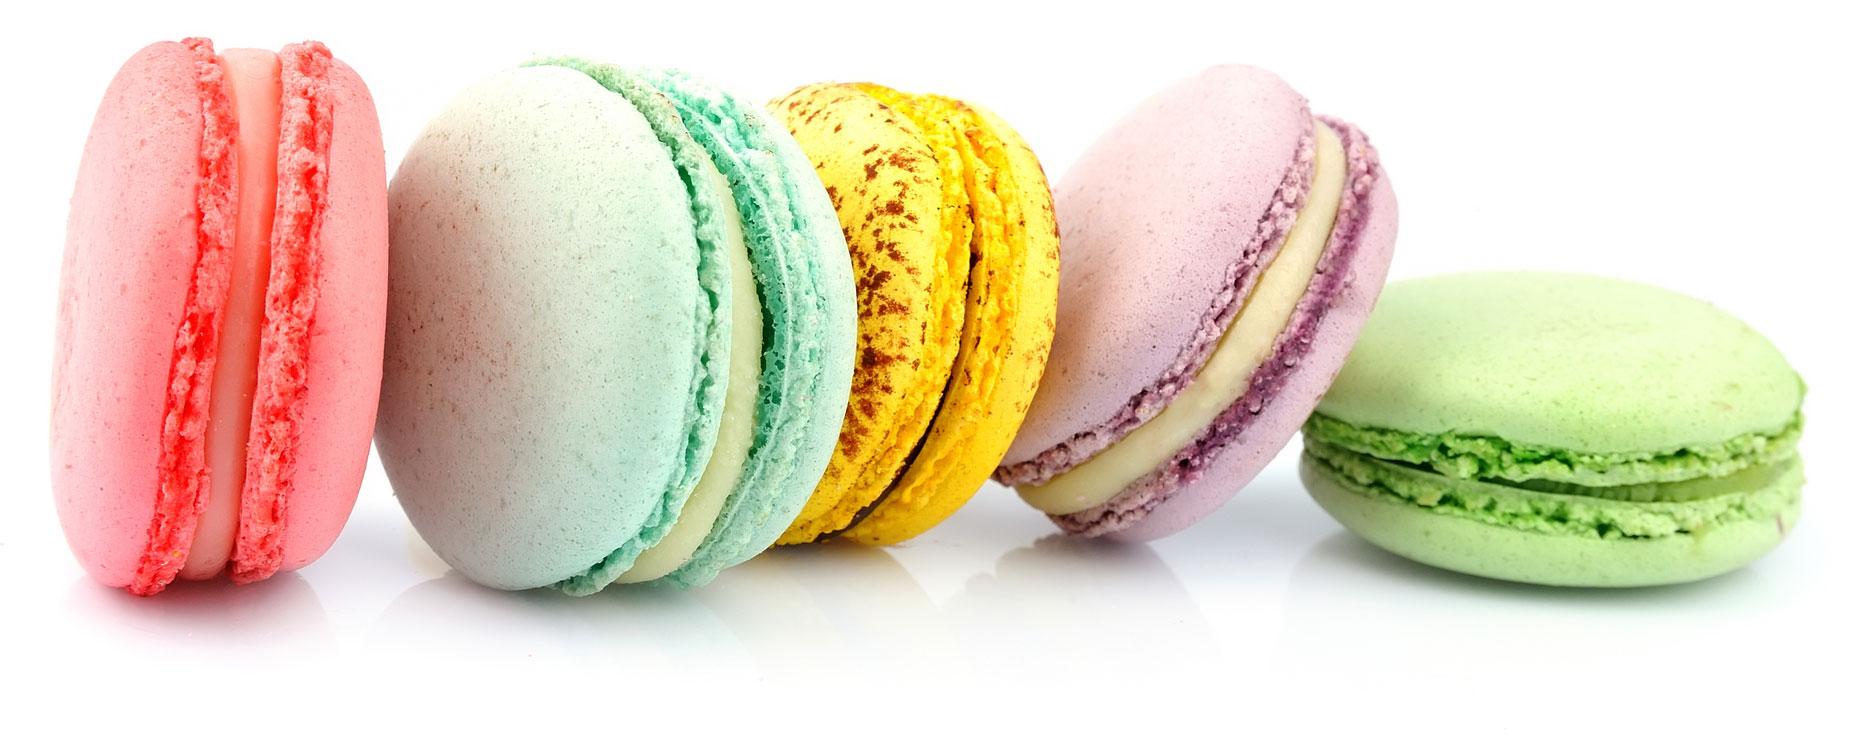 image-macarons-tea-party_crw-boutique-traiteur